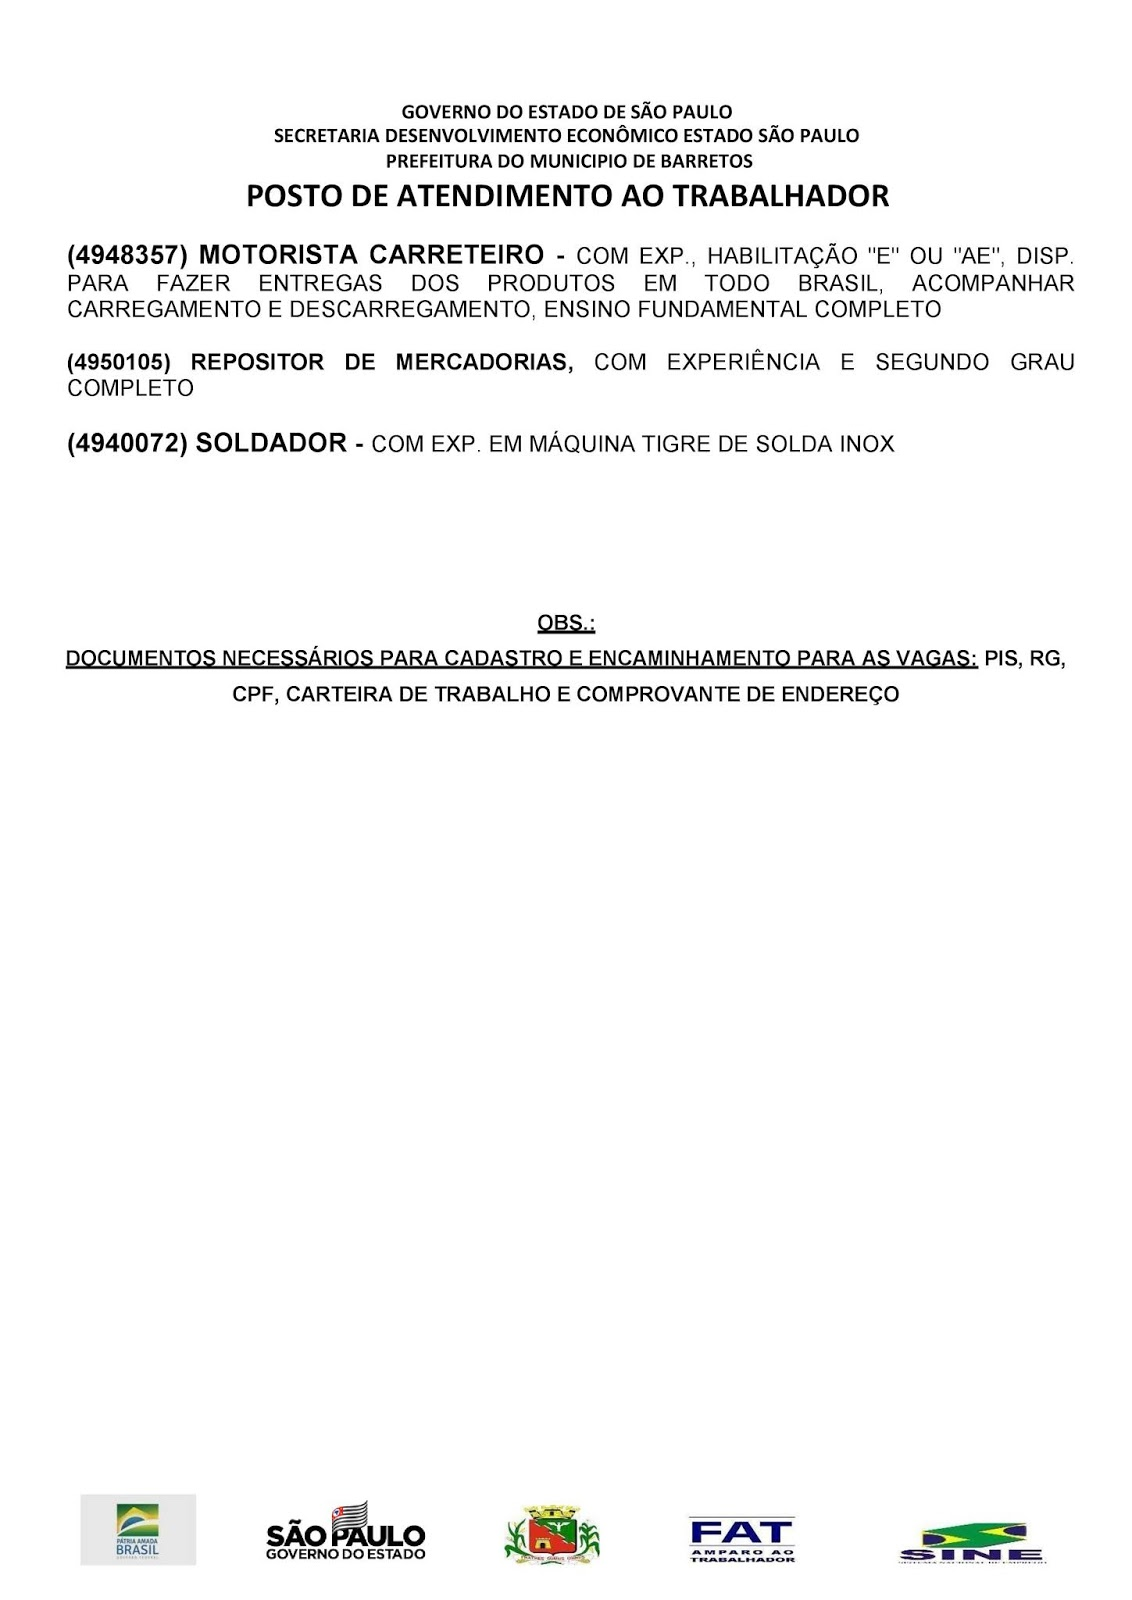 VAGAS DE EMPREGO DO PAT BARRETOS-SP PARA 13/05/2019 SEGUNDA-FEIRA